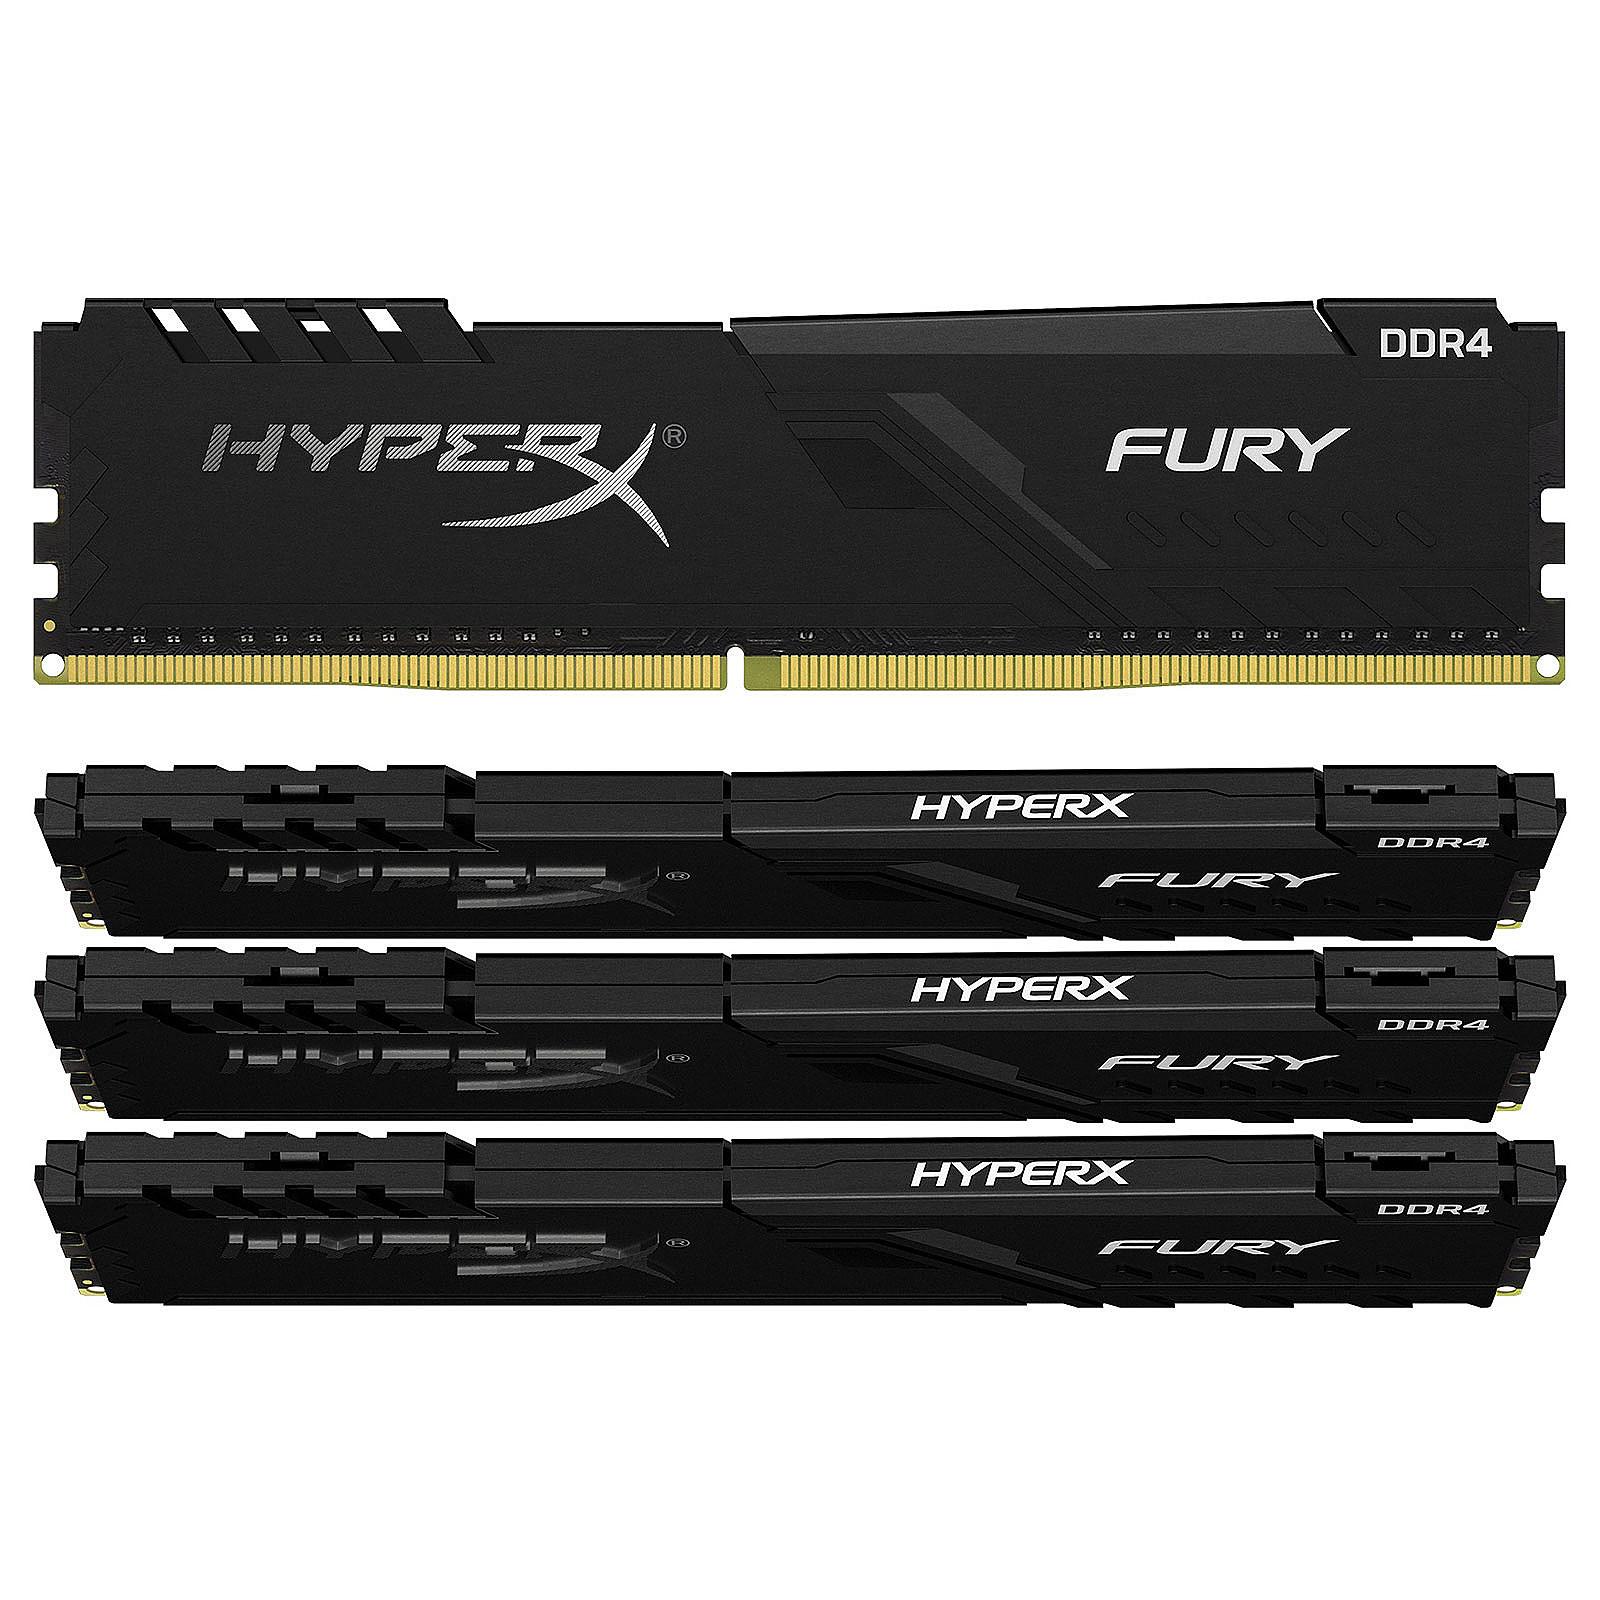 HyperX Fury 128 GB (4x 32 GB) DDR4 2400 MHz CL15